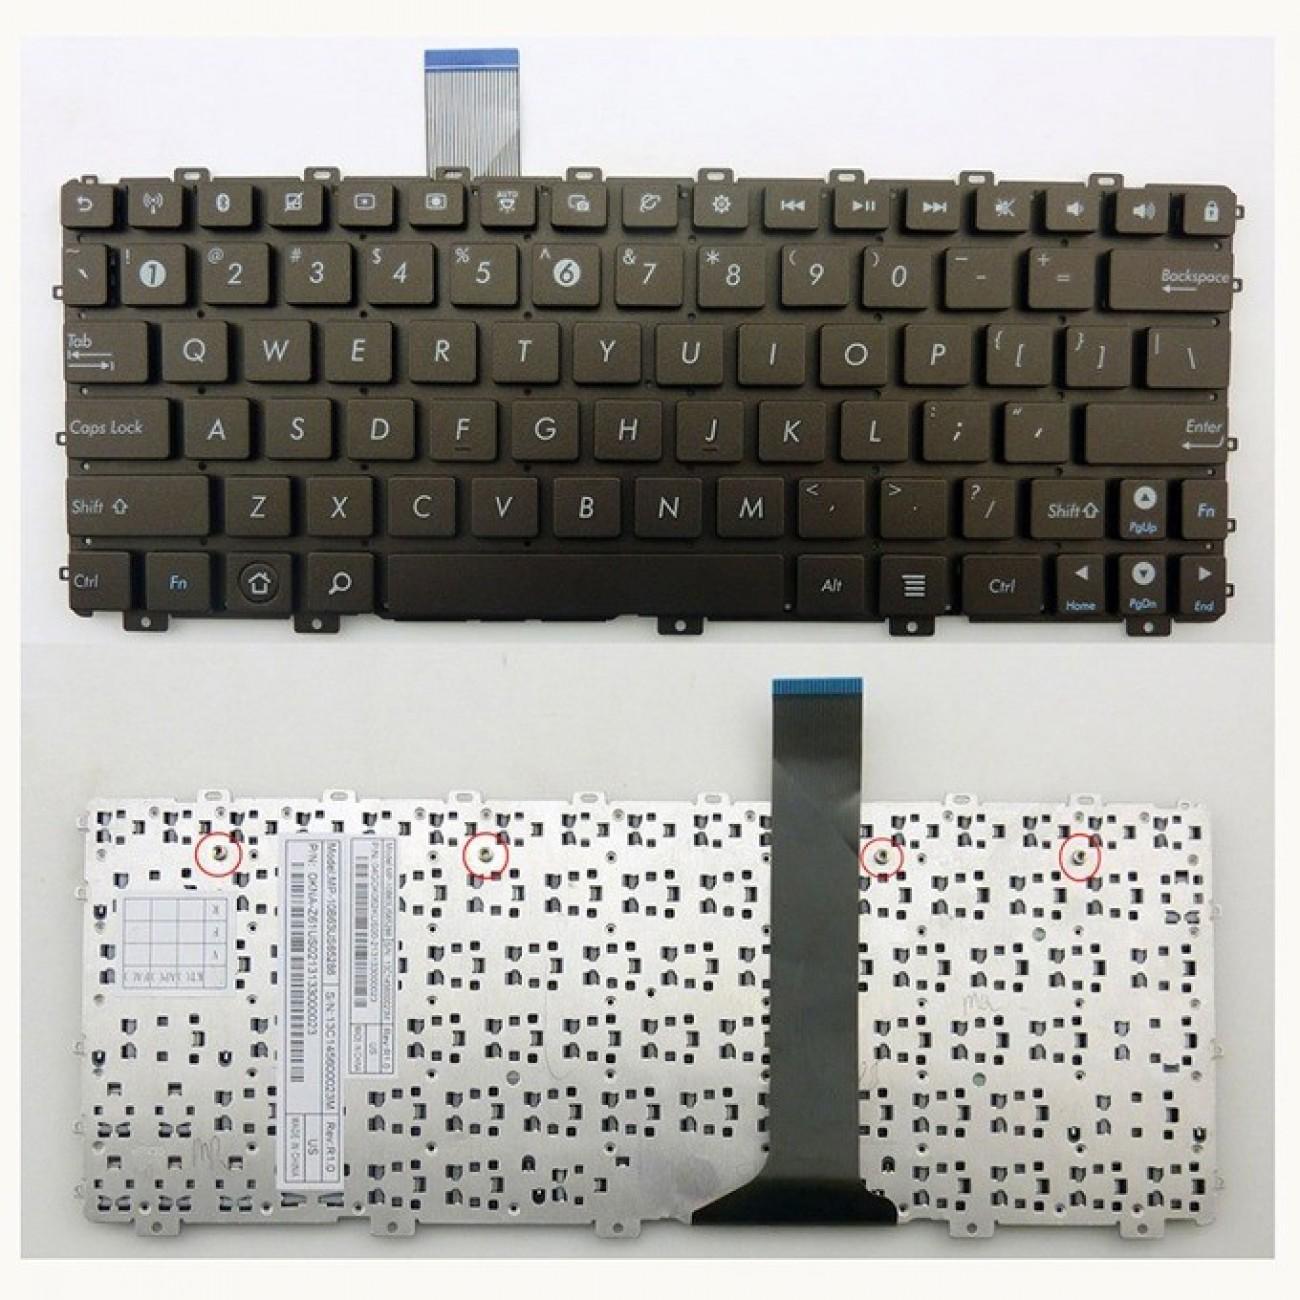 Клавиатура за лаптоп Asus съвместима със серия Eee PC 1015PE, without frame, black, US в Резервни части -  | Alleop